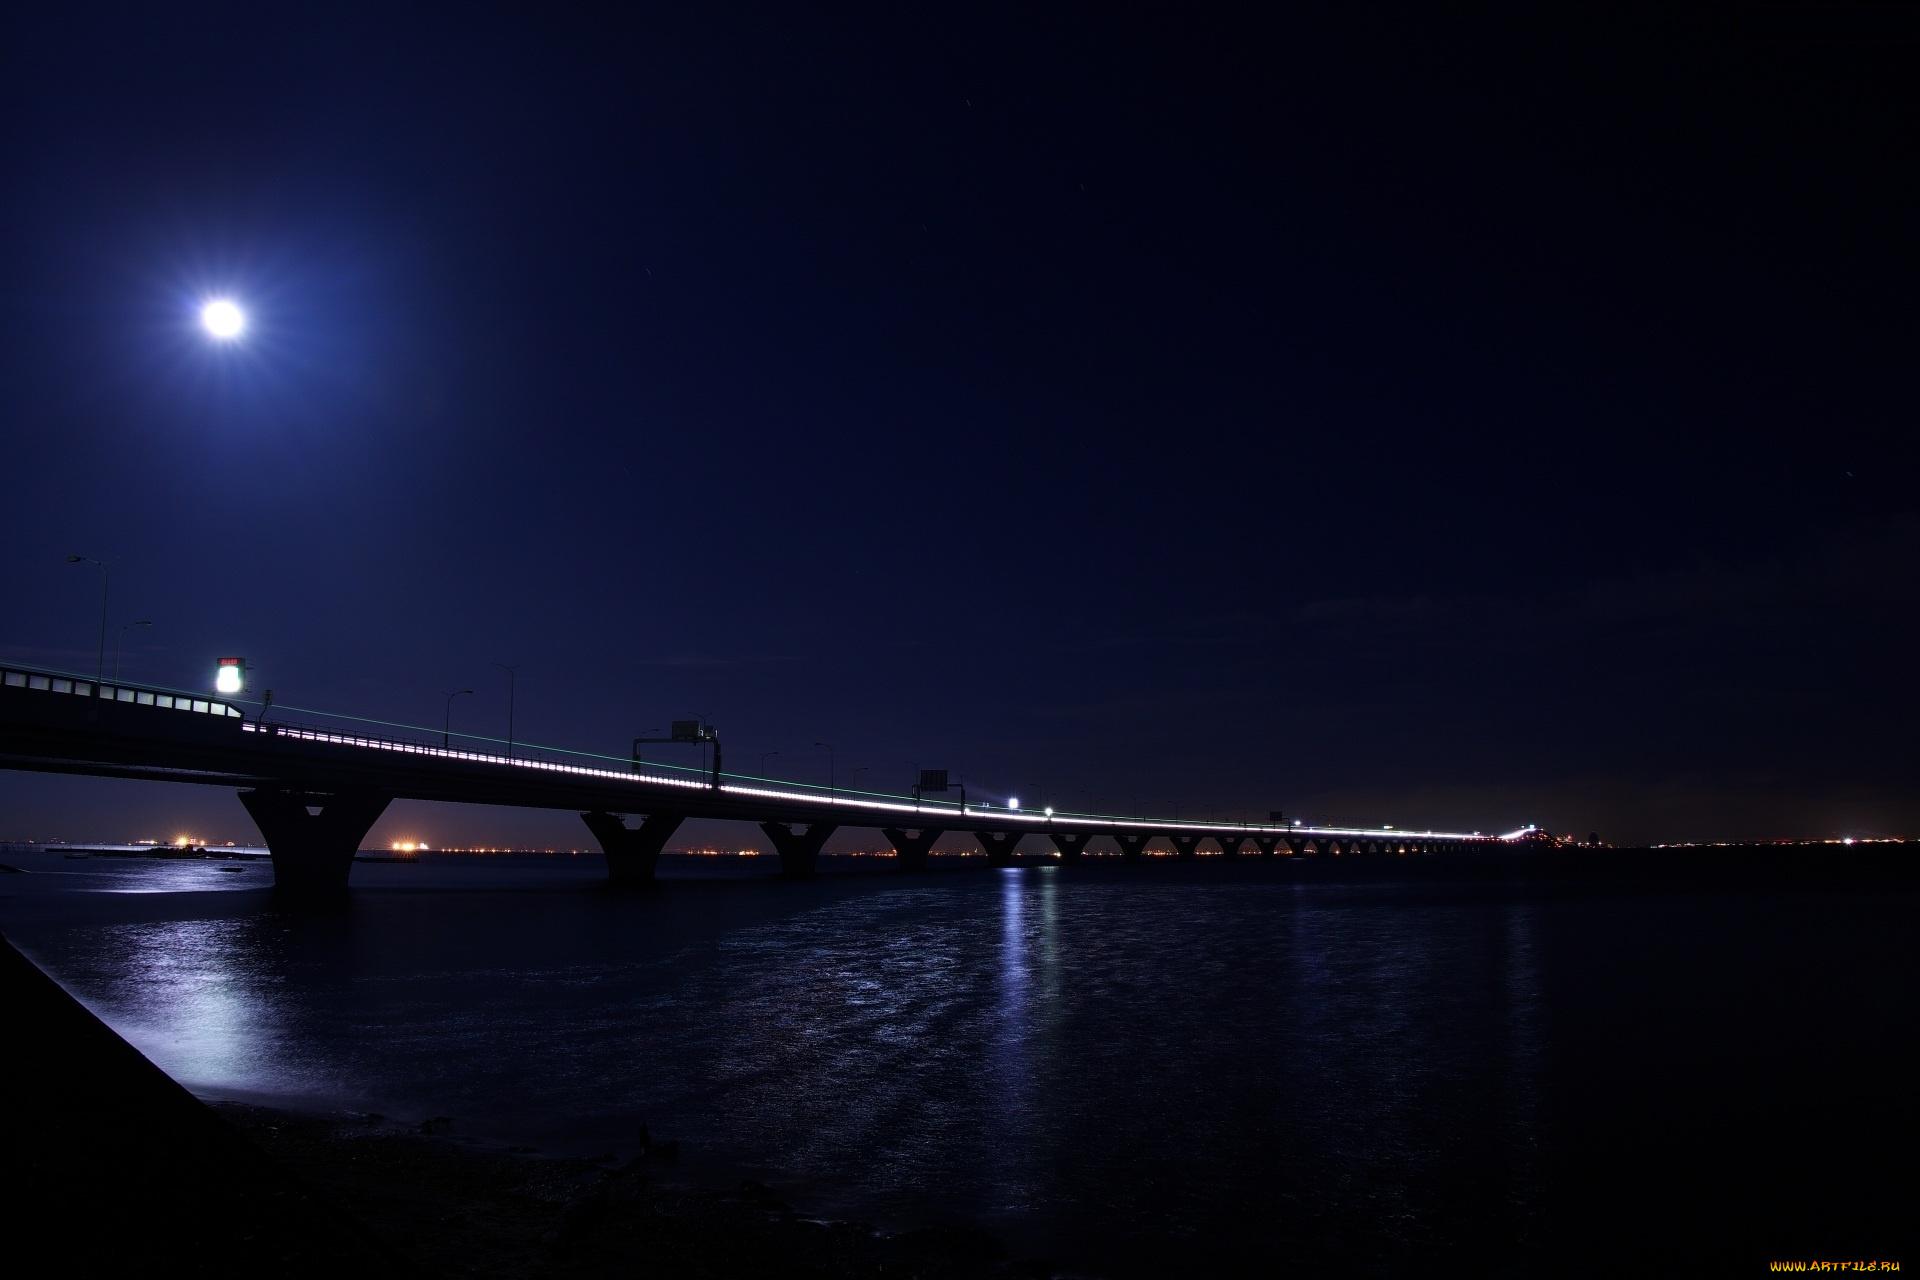 Мост огни ночь  № 3716577 загрузить